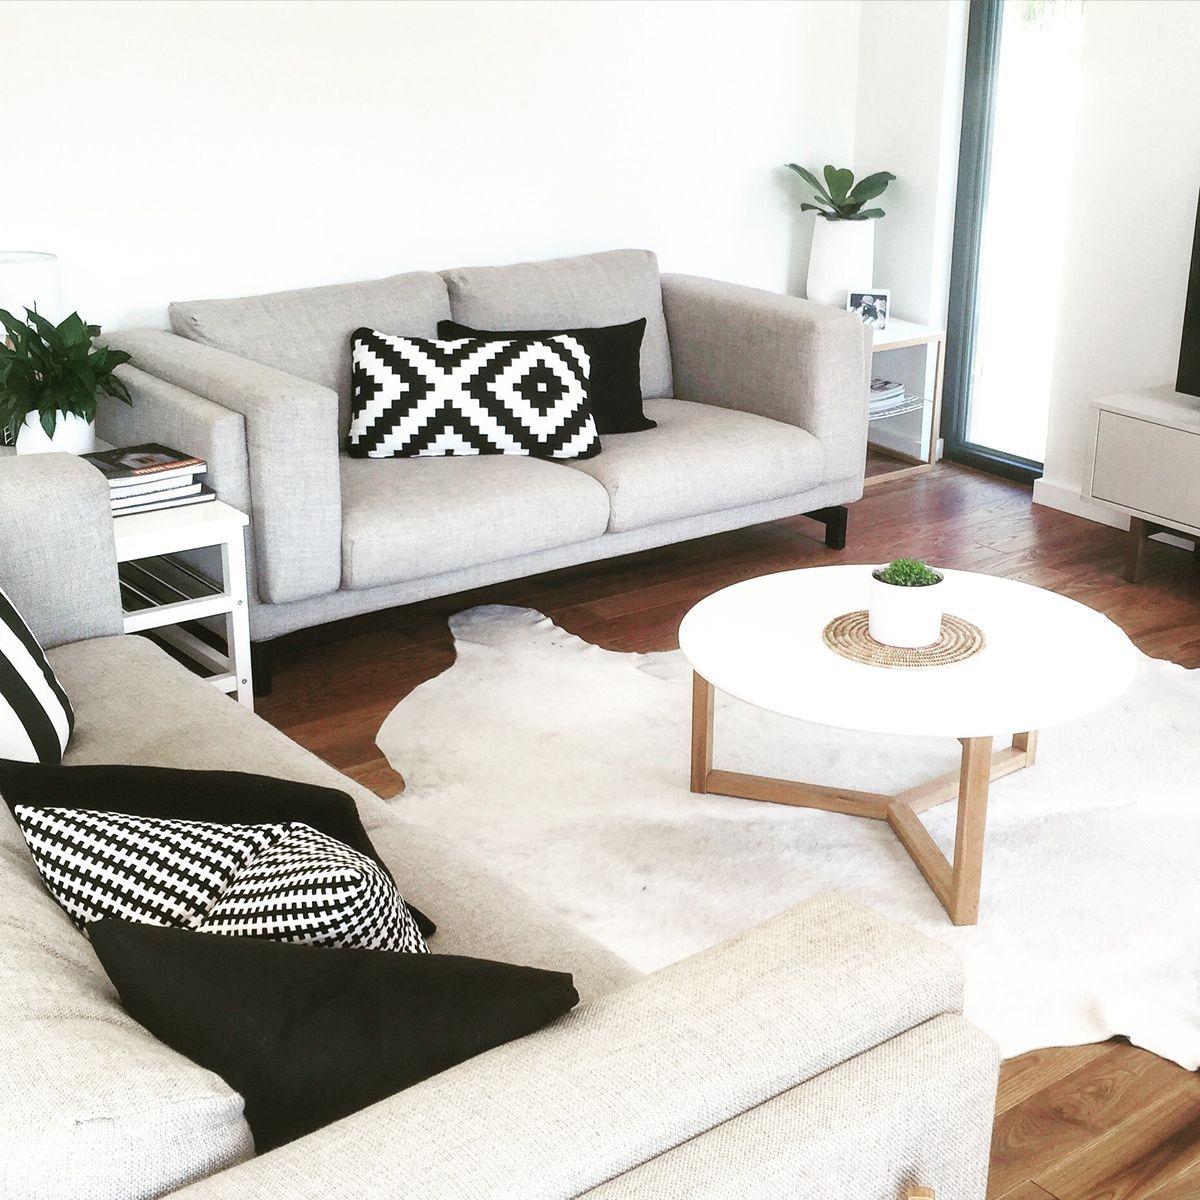 Living Room Furniture Ikea: Living Room Sofa, Ikea Living